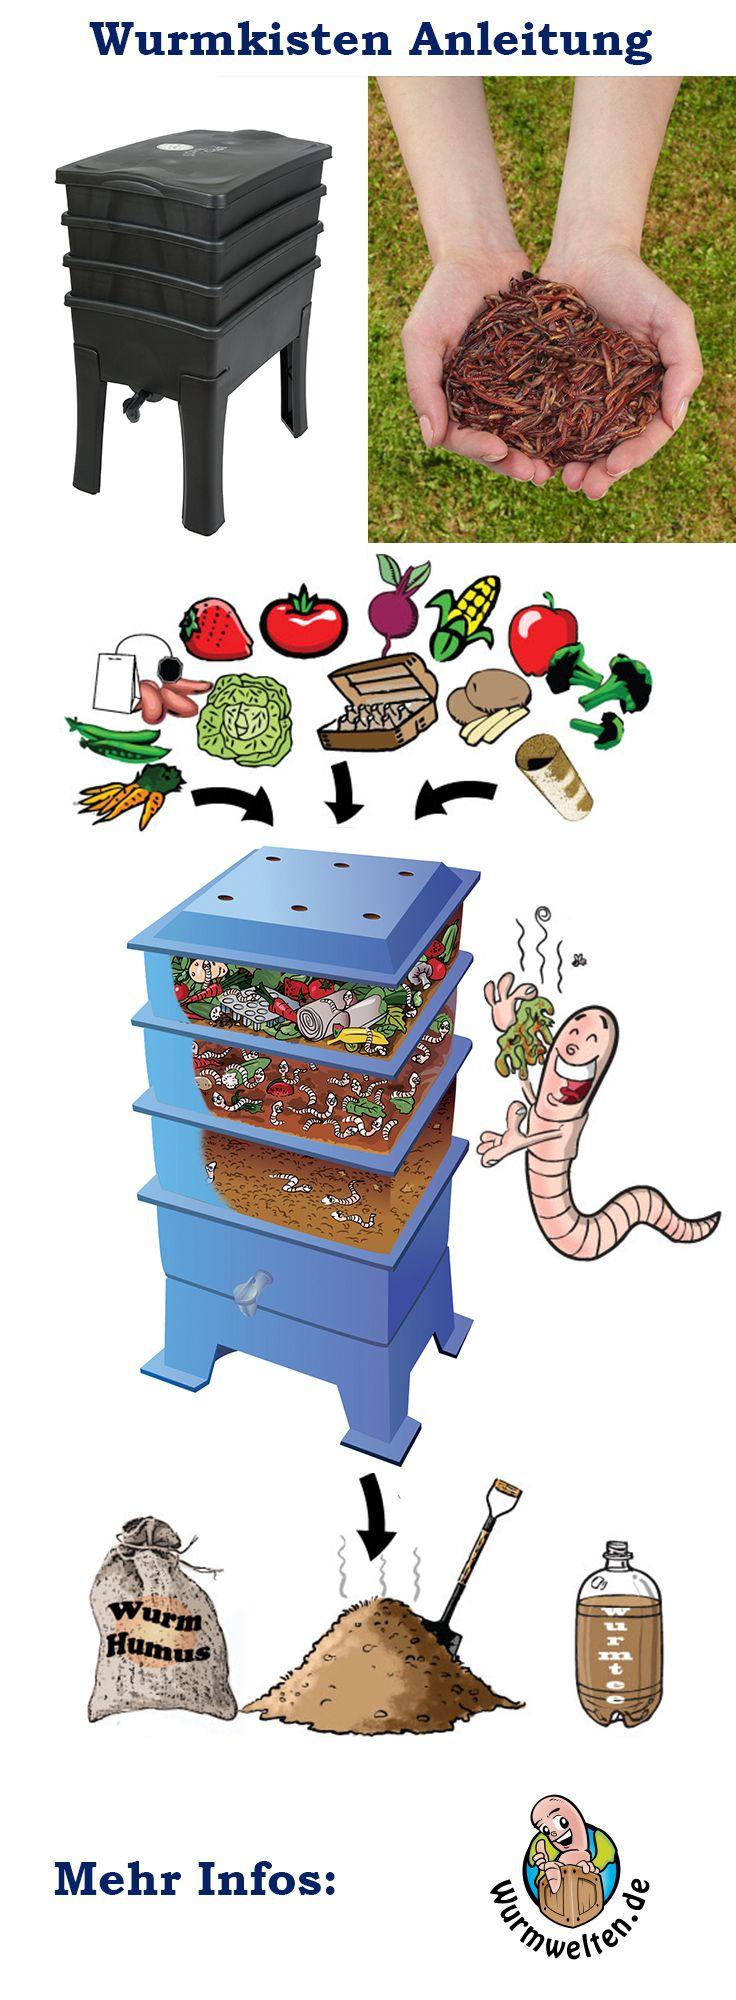 Es bedarf nur einiger Kompostwürmer und ein wenig Biomüll um den Wurmkoomposter einzurichten